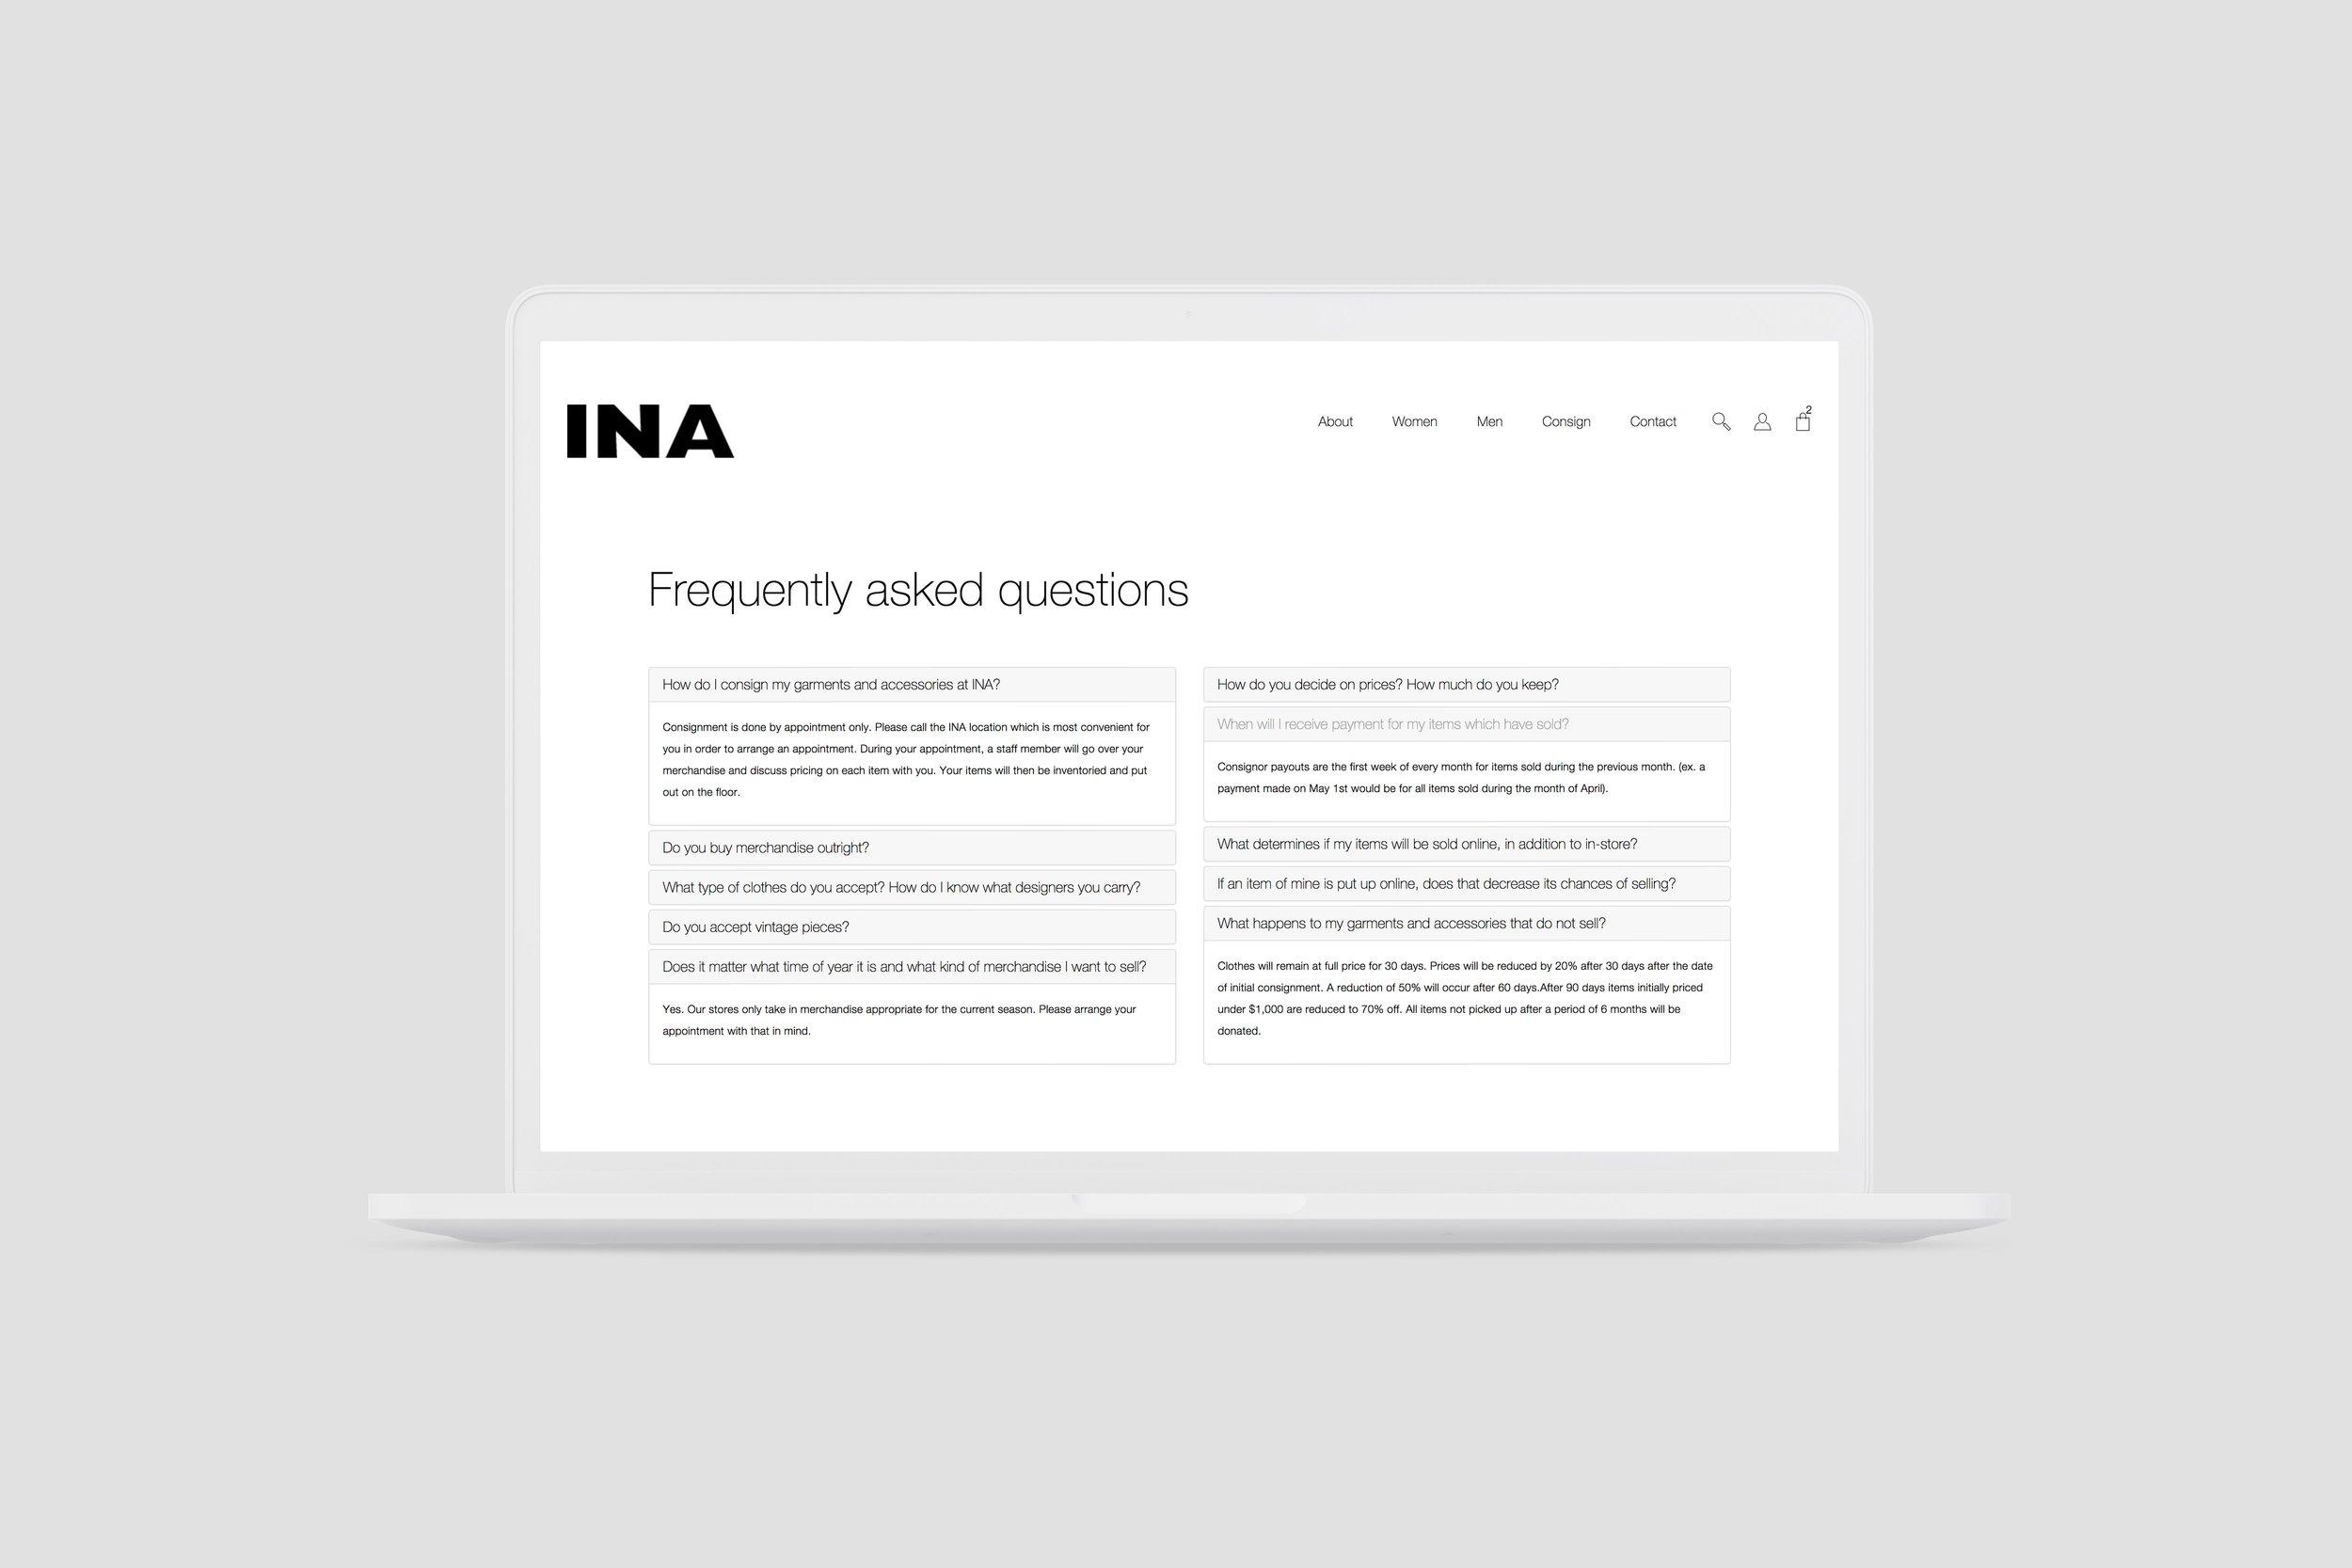 ina(13).jpg